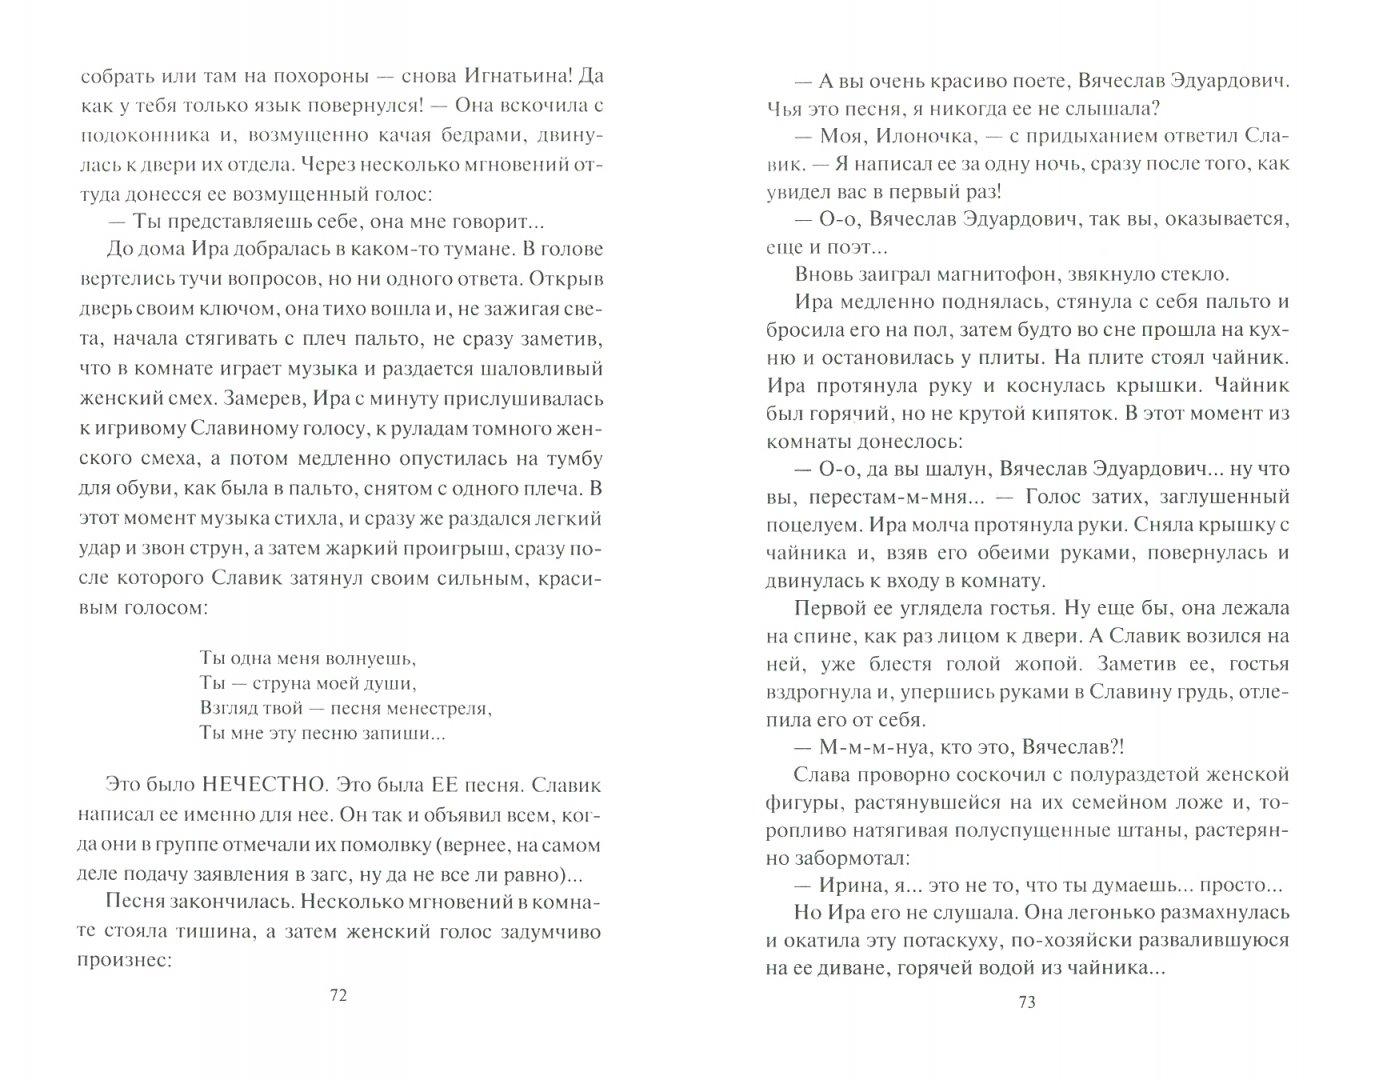 Иллюстрация 1 из 5 для Время Вызова. Нужны князья, а не тати - Роман Злотников | Лабиринт - книги. Источник: Лабиринт